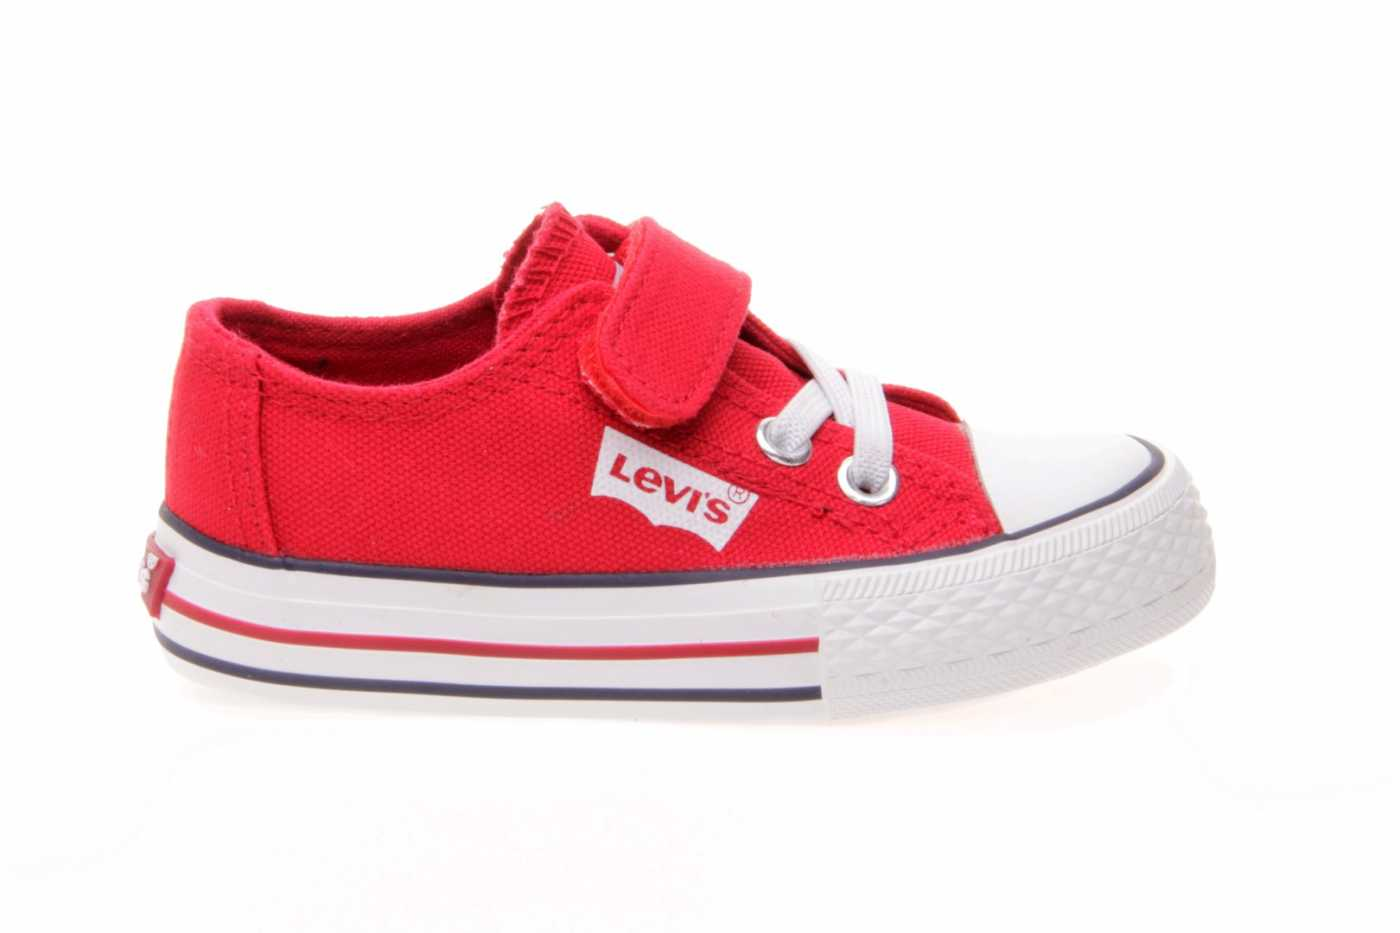 8122d5bf219cf Comprar zapato tipo JOVEN NIÑO estilo LONA COLOR ROJO LONA ...